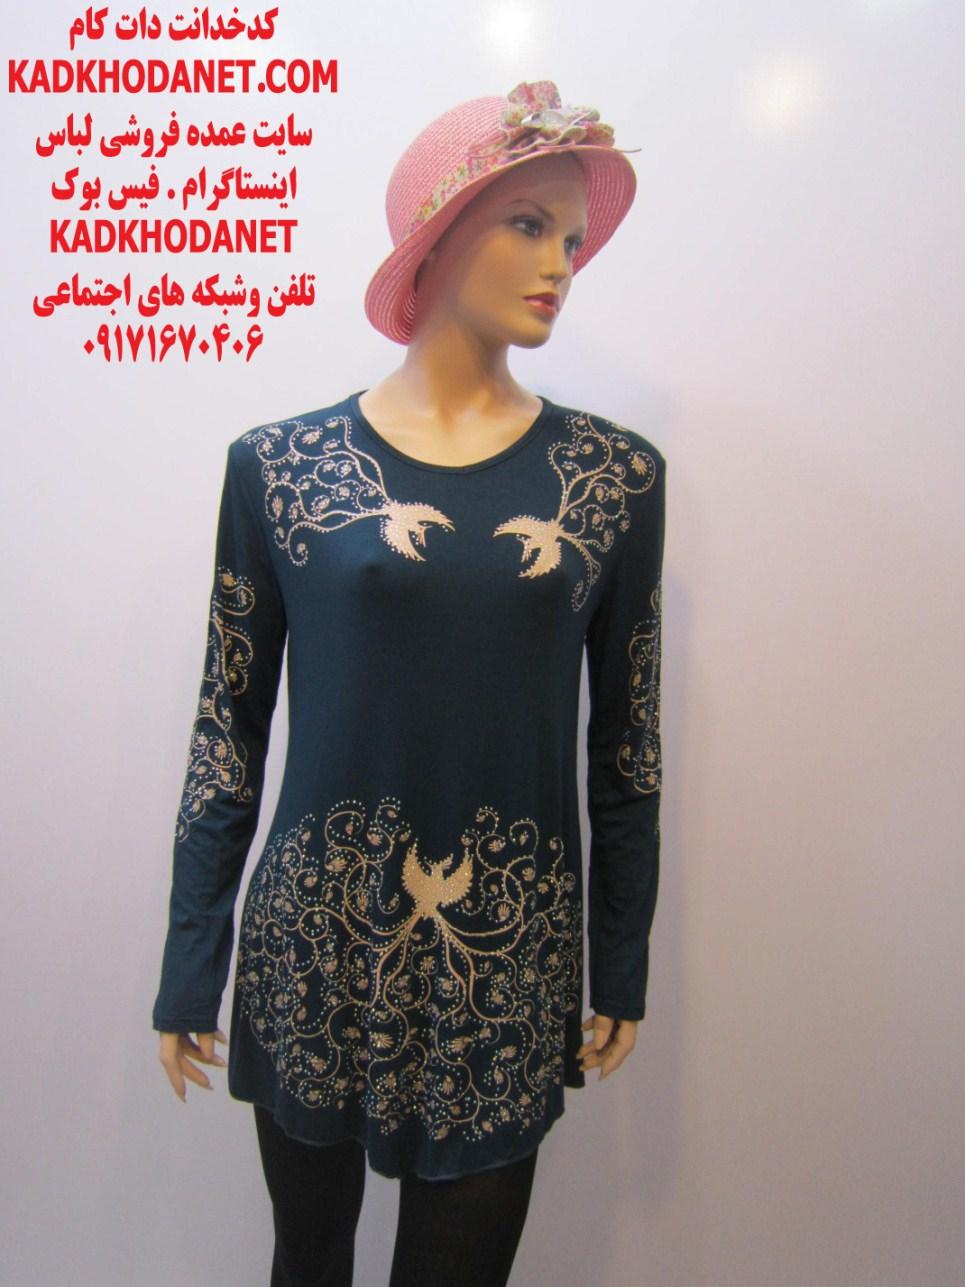 فروشگاه اینترنتی لباس زنانه قشم (1)